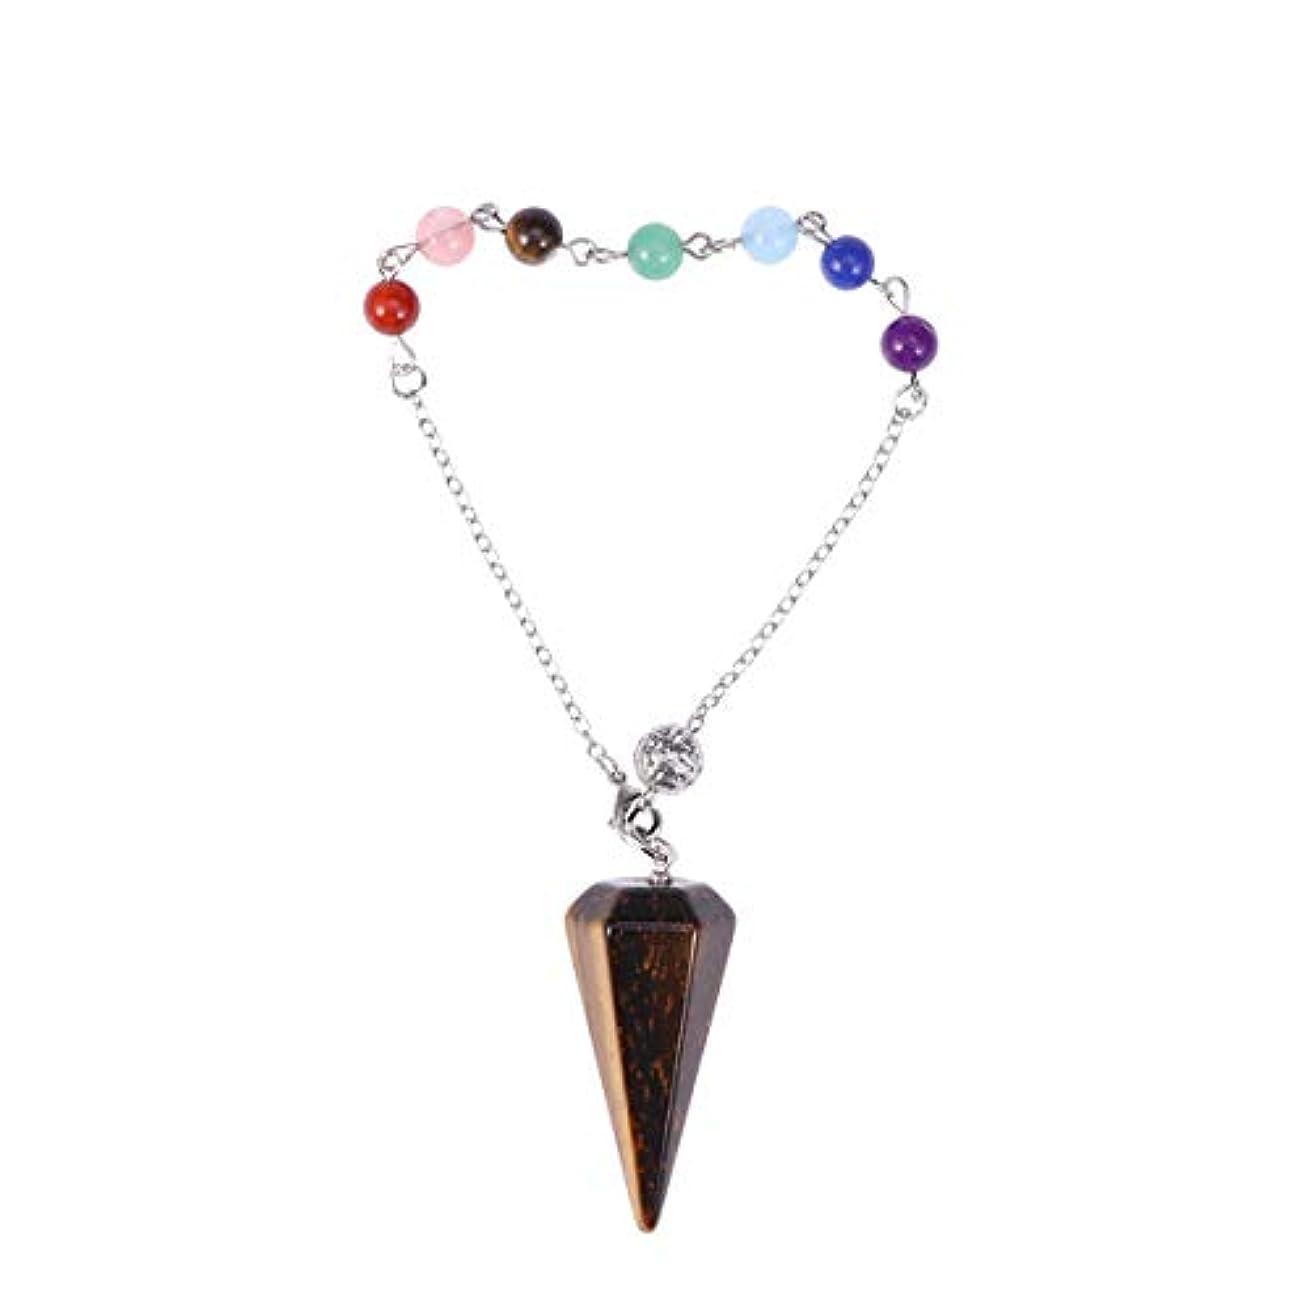 形状ポテト不均一HEALIFTY 天然水晶六角形ペンダントチャクラチェーンペンダント(タイガーアイ宝石)